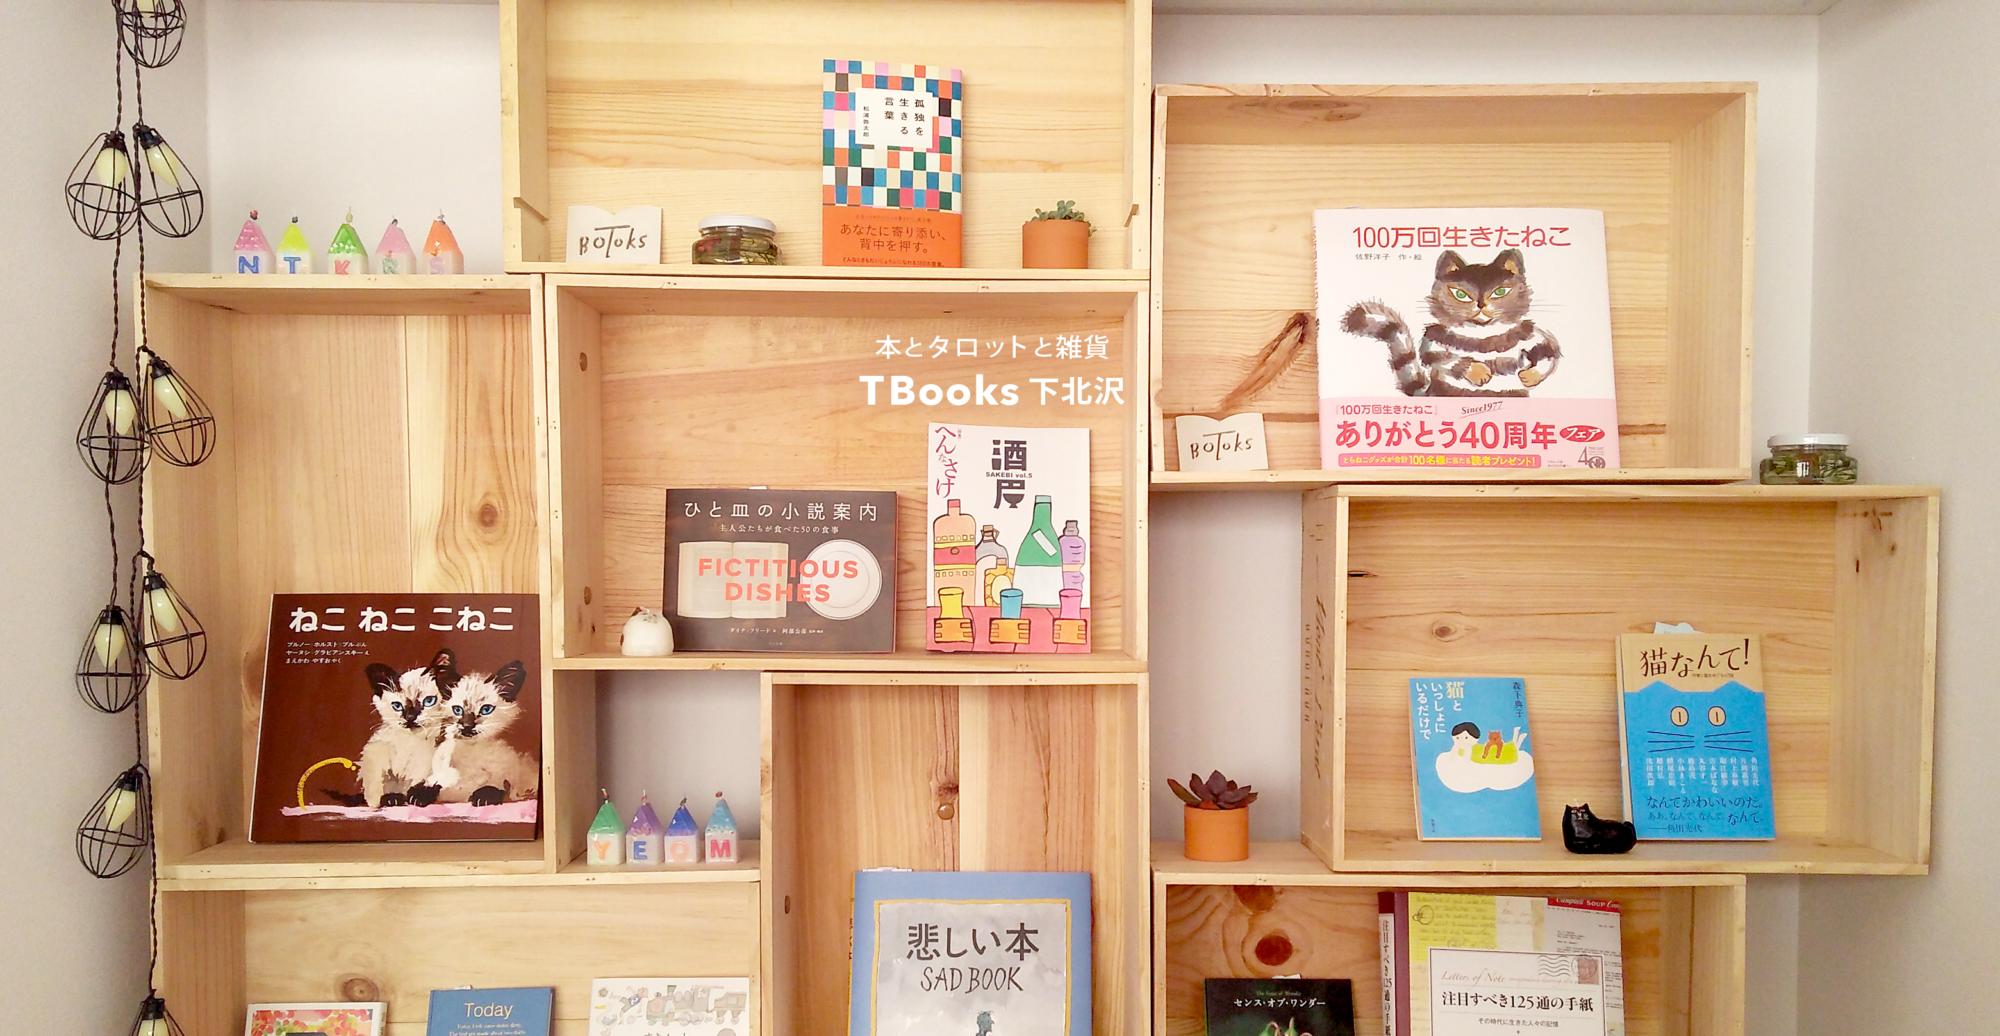 T books 下北沢